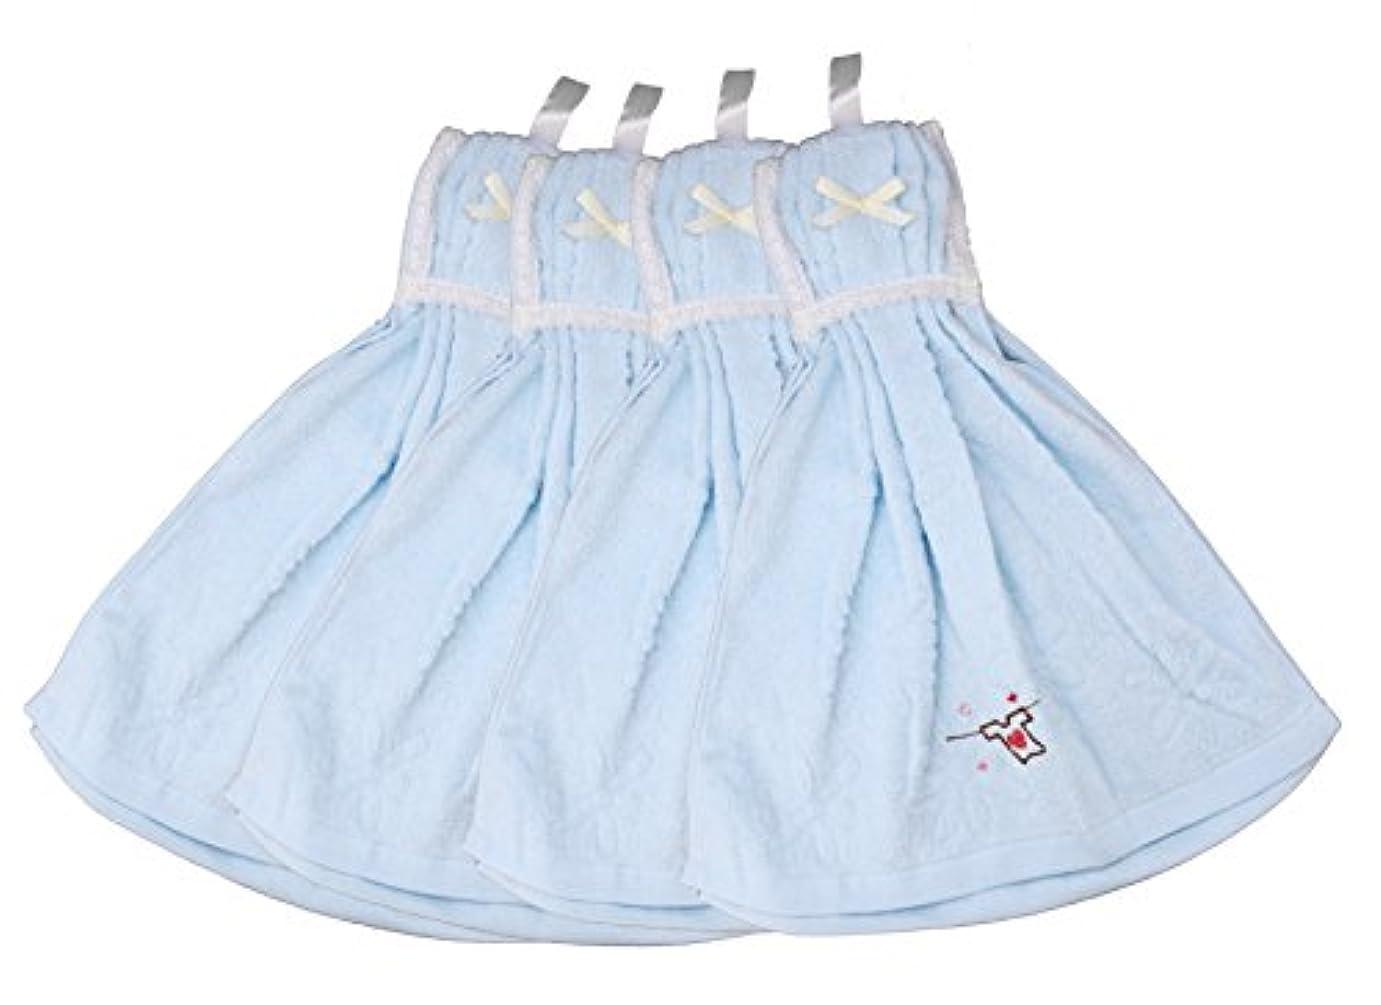 一般的に復活する主婦ドレスタオル Tシャツ 4枚セット ブルー MO-DT-T-B